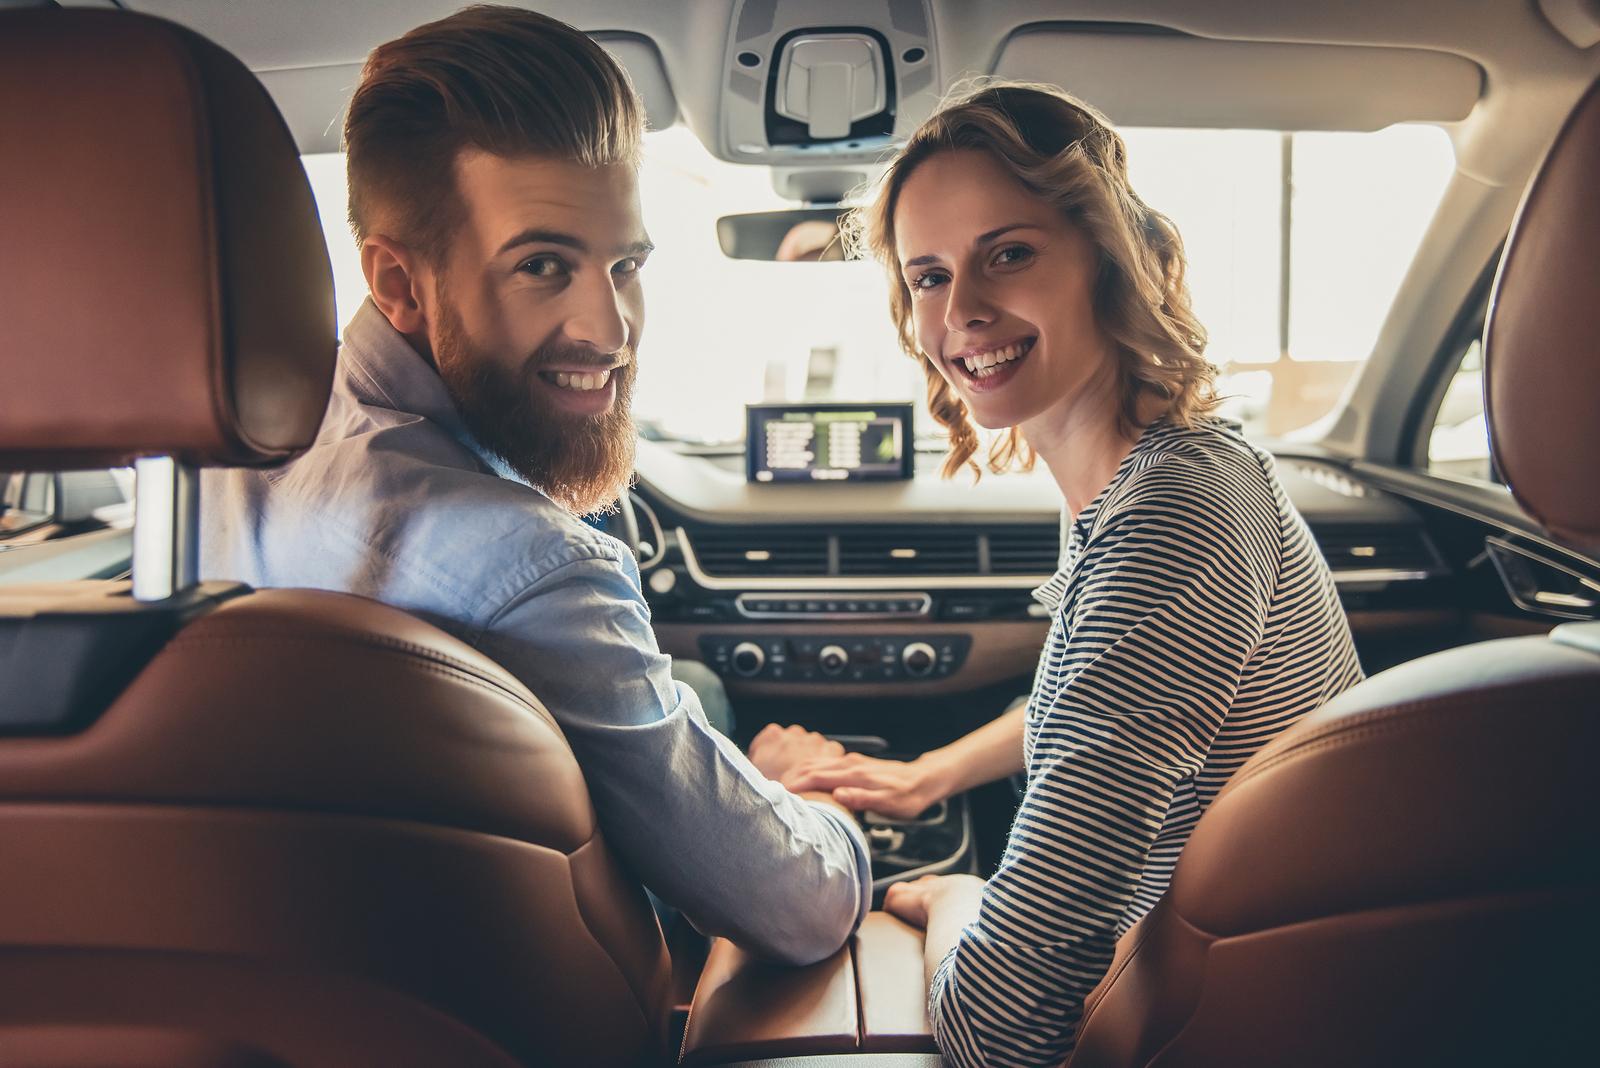 О, ваш автомобиль стоит меньше, чем вы должны — что будет дальше?